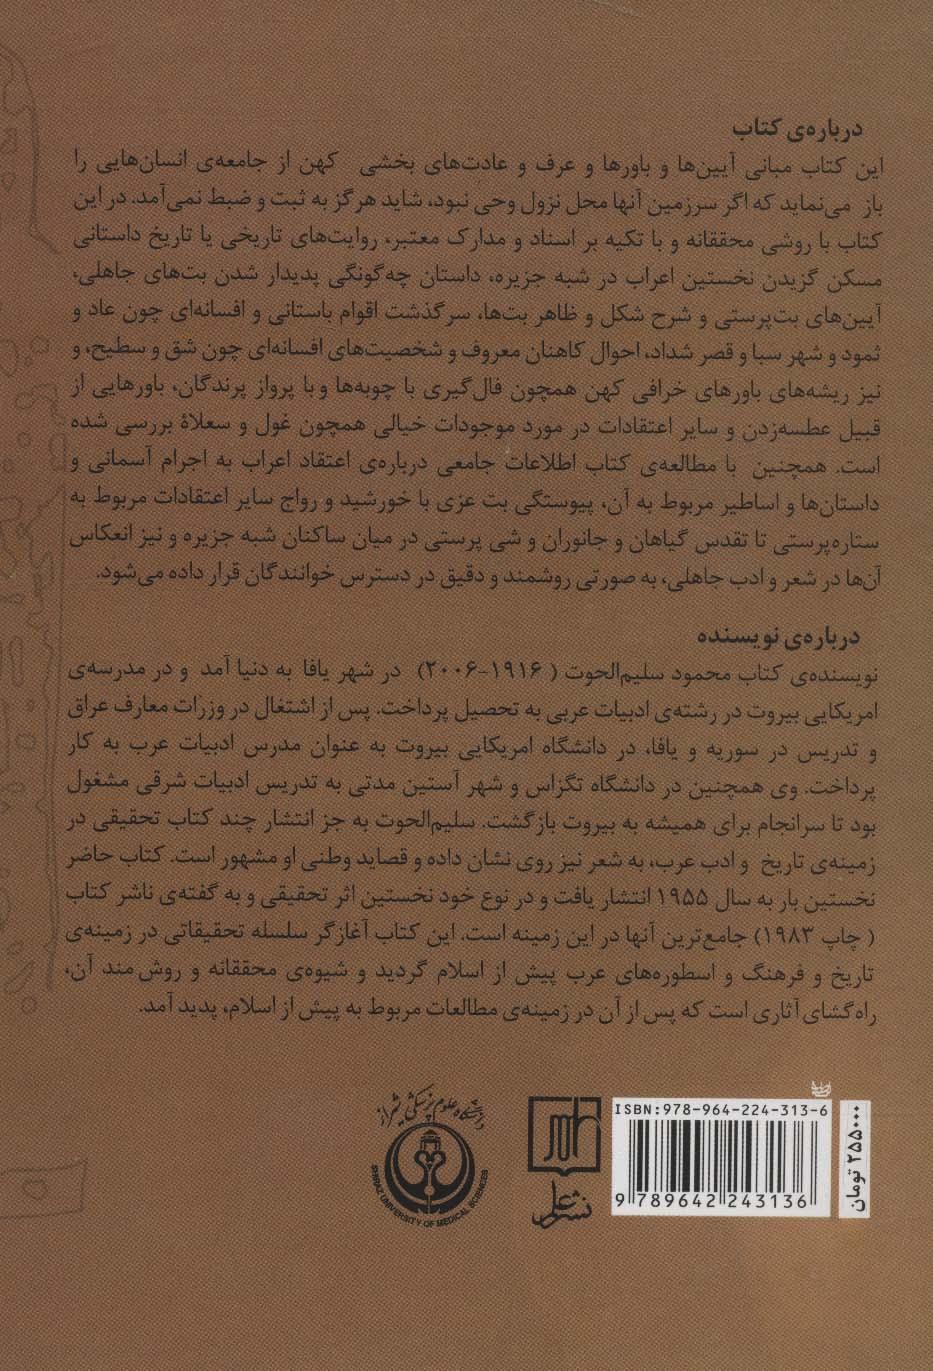 باورها و اسطوره های عرب پیش از اسلام